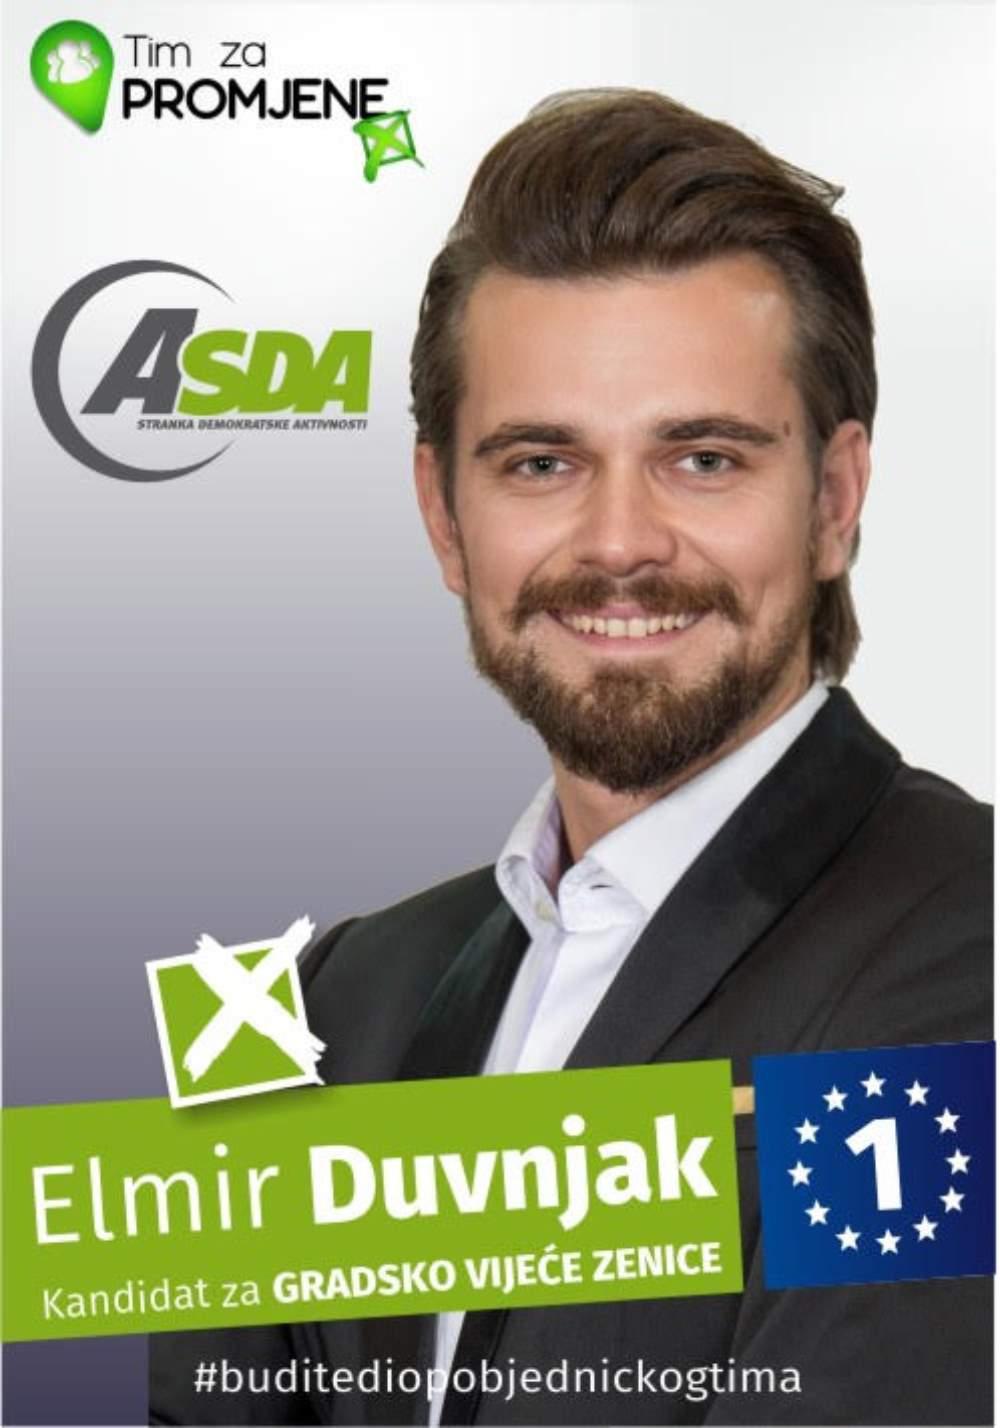 Elmir Duvnjak